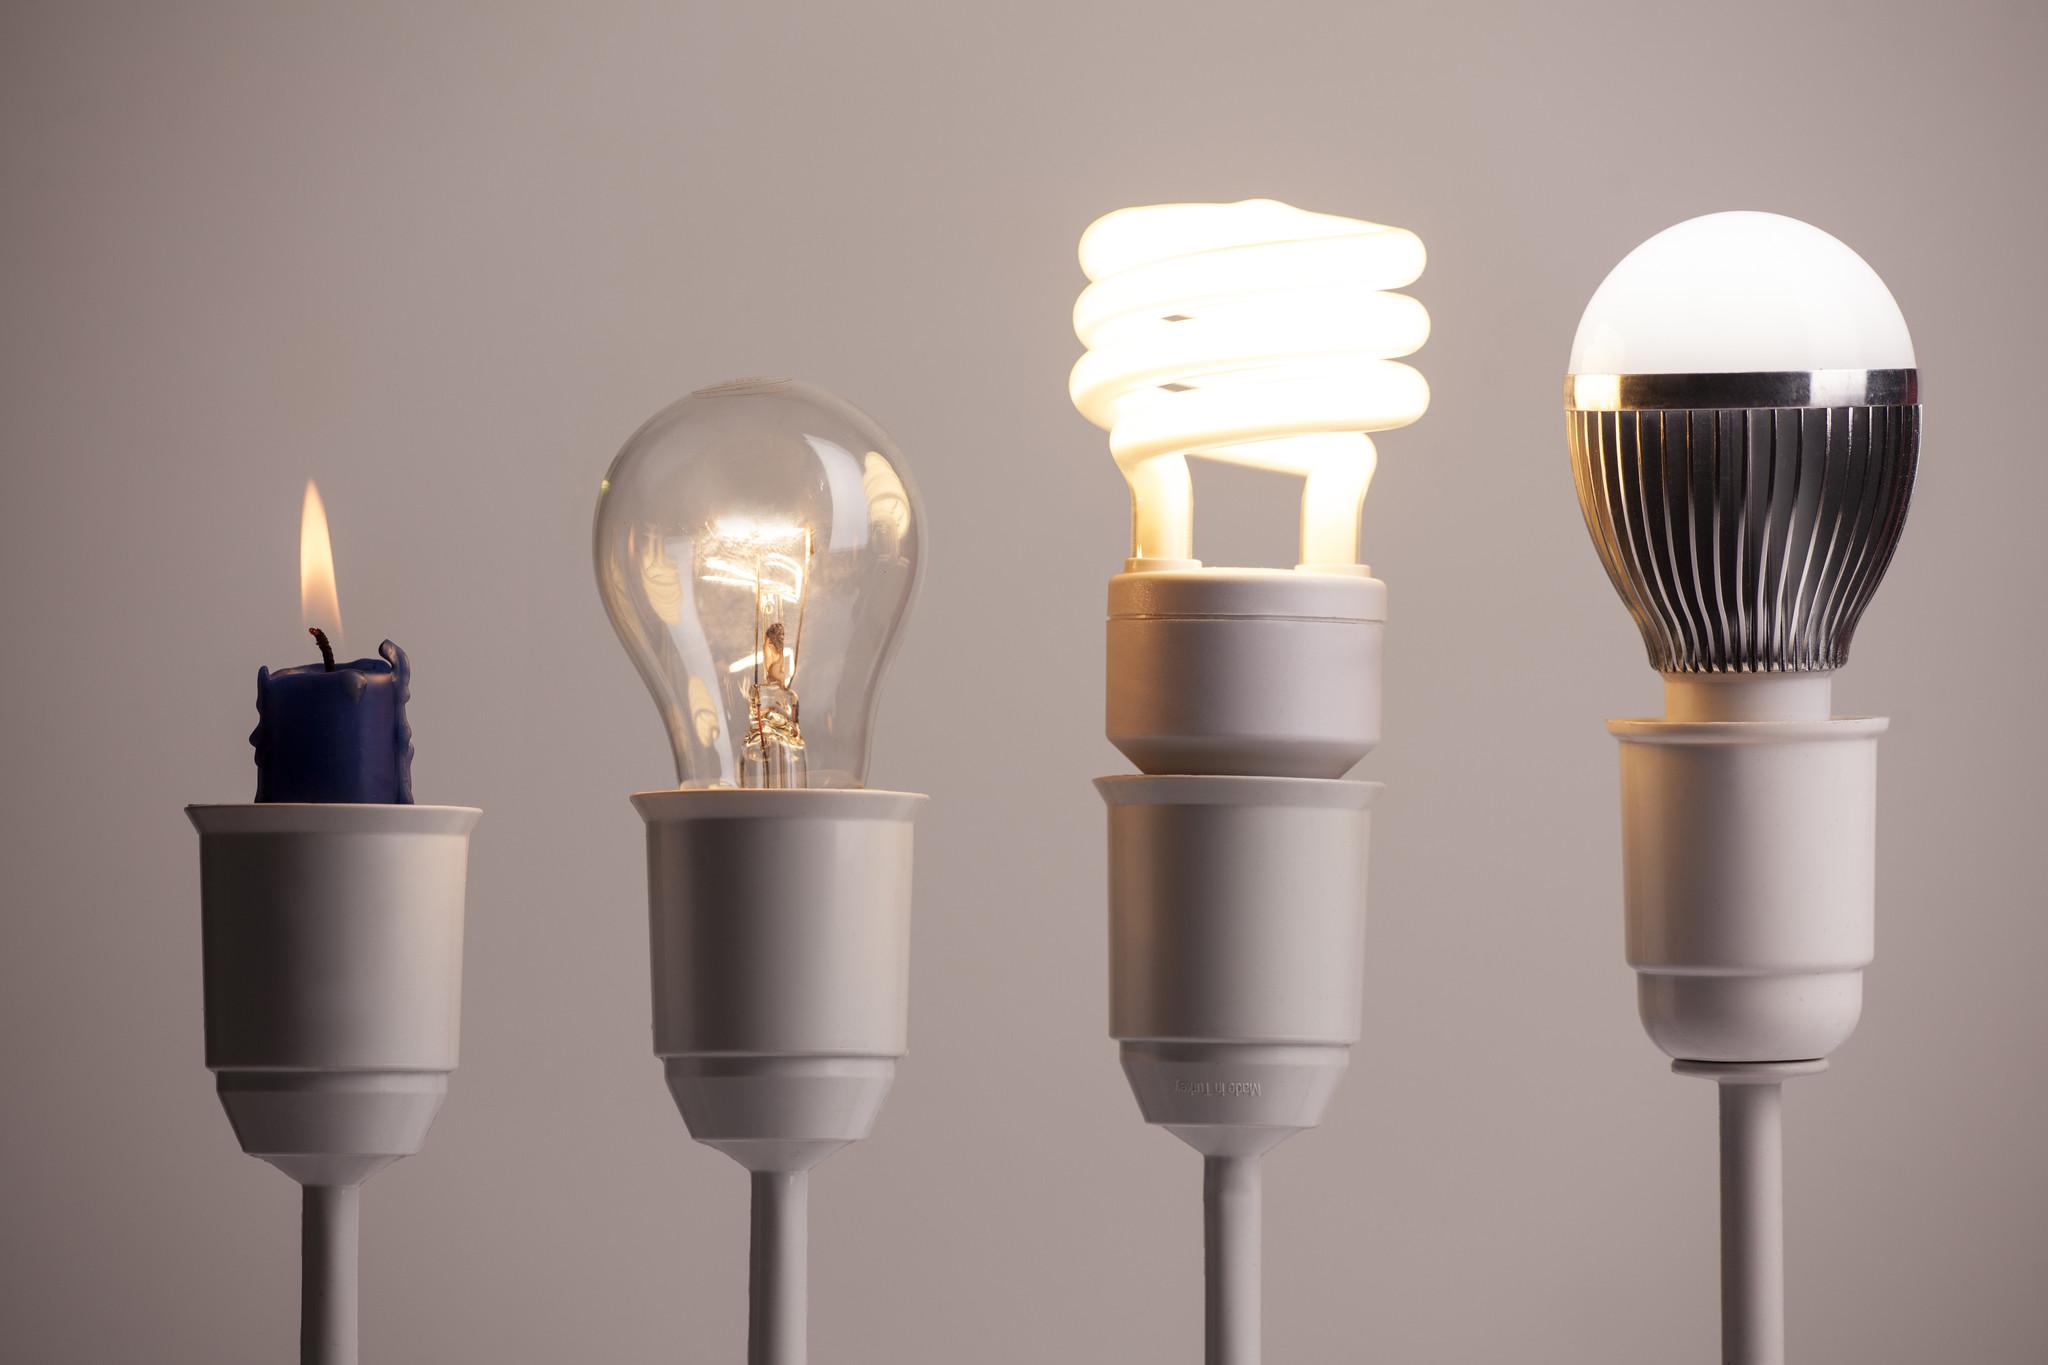 De verschillen tussen een gloeilamp, een spaarlamp en LED lampen